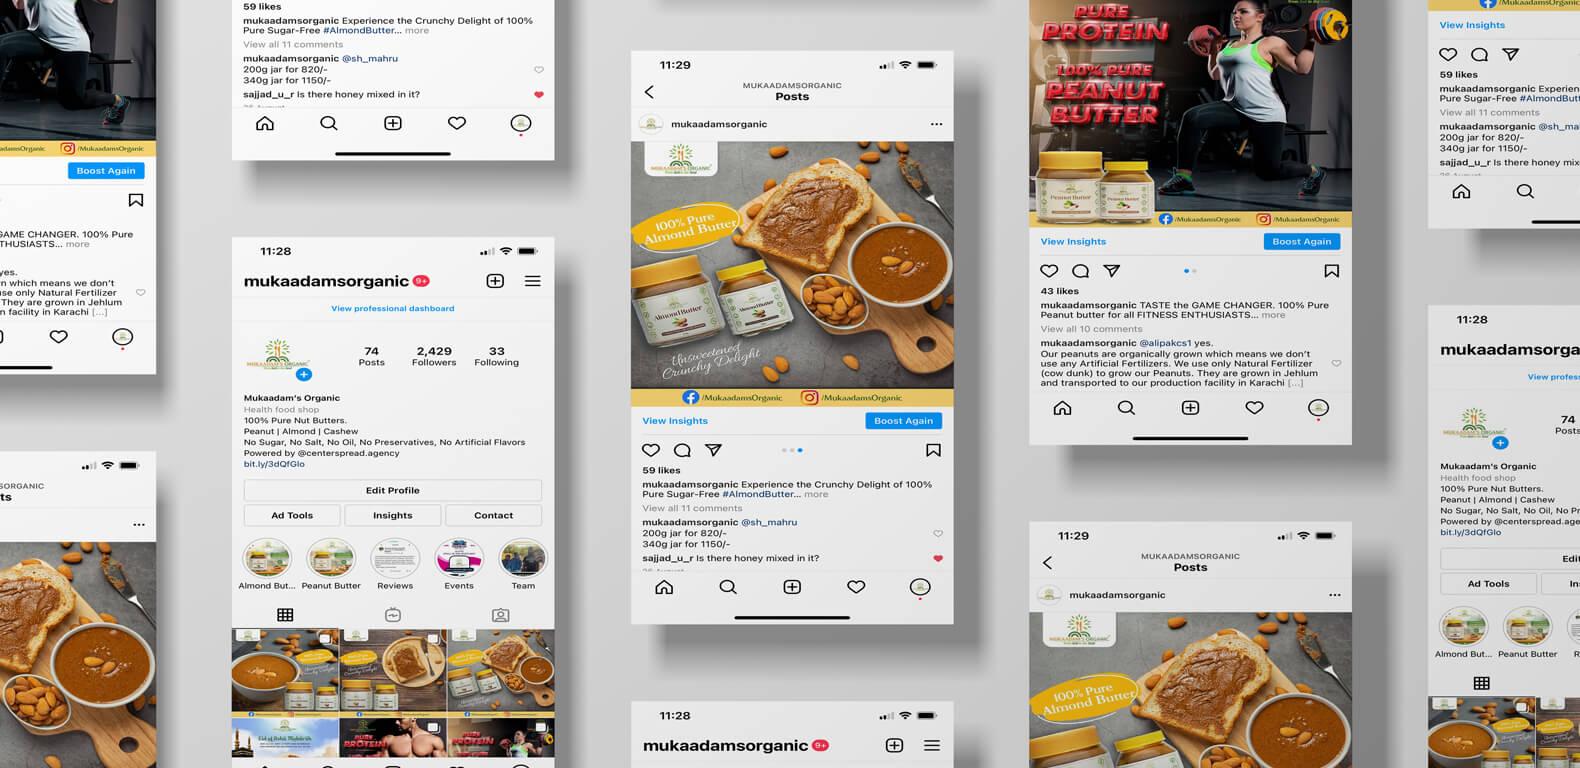 social-media-marketing-mukaadams-organic-Instagram-feed-1